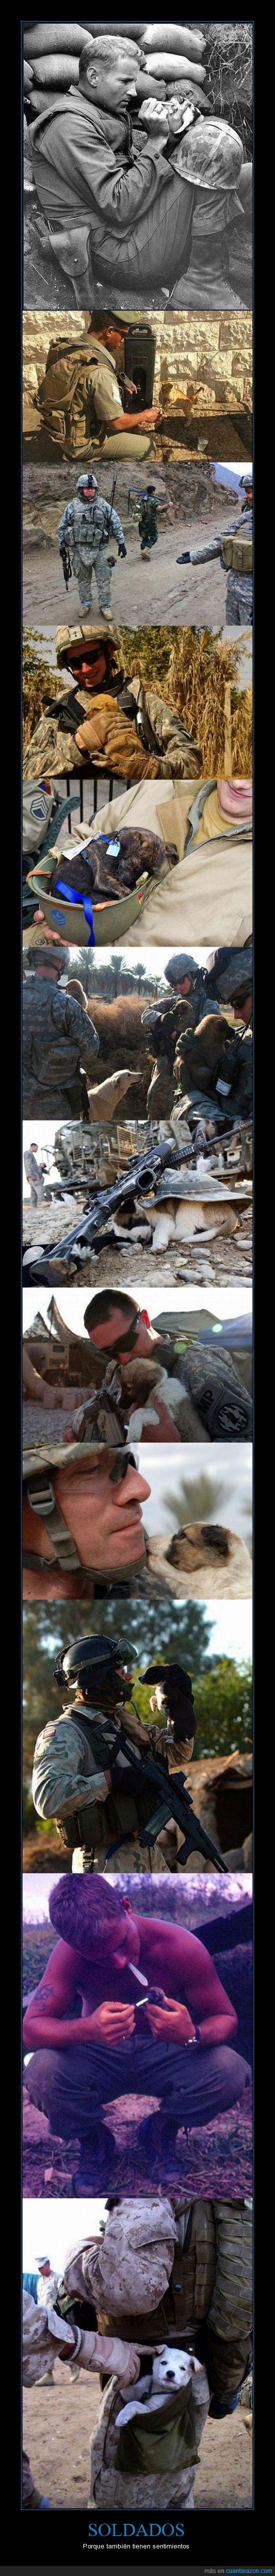 criar,cuidar,gatos,mascotas,perros,sentimientos,soldados